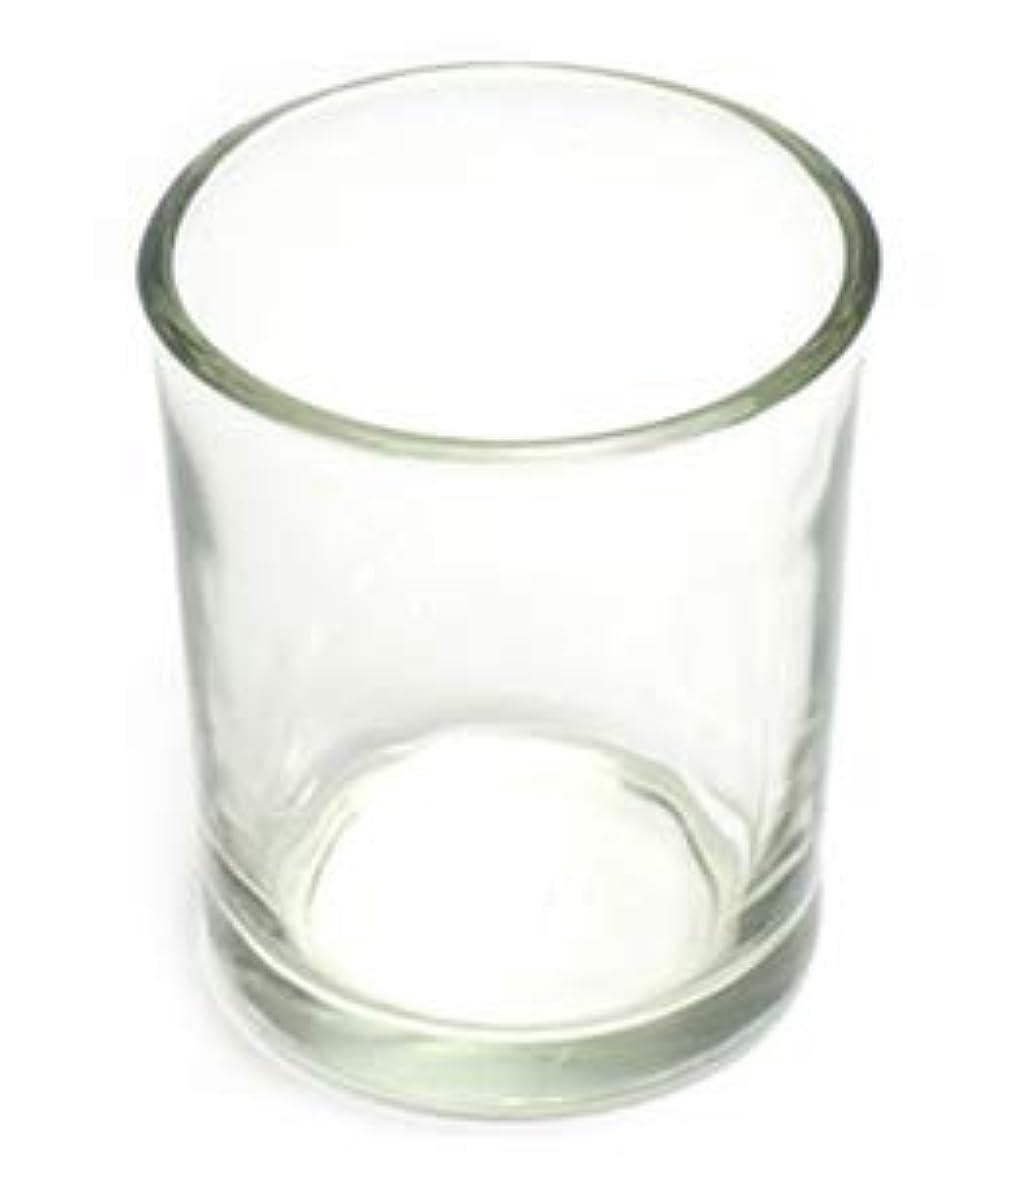 現実率直な縮約キャンドルホルダー ガラス シンプル[小] 1個 キャンドルスタンド 透明 クリア おしゃれ ろうそく立て